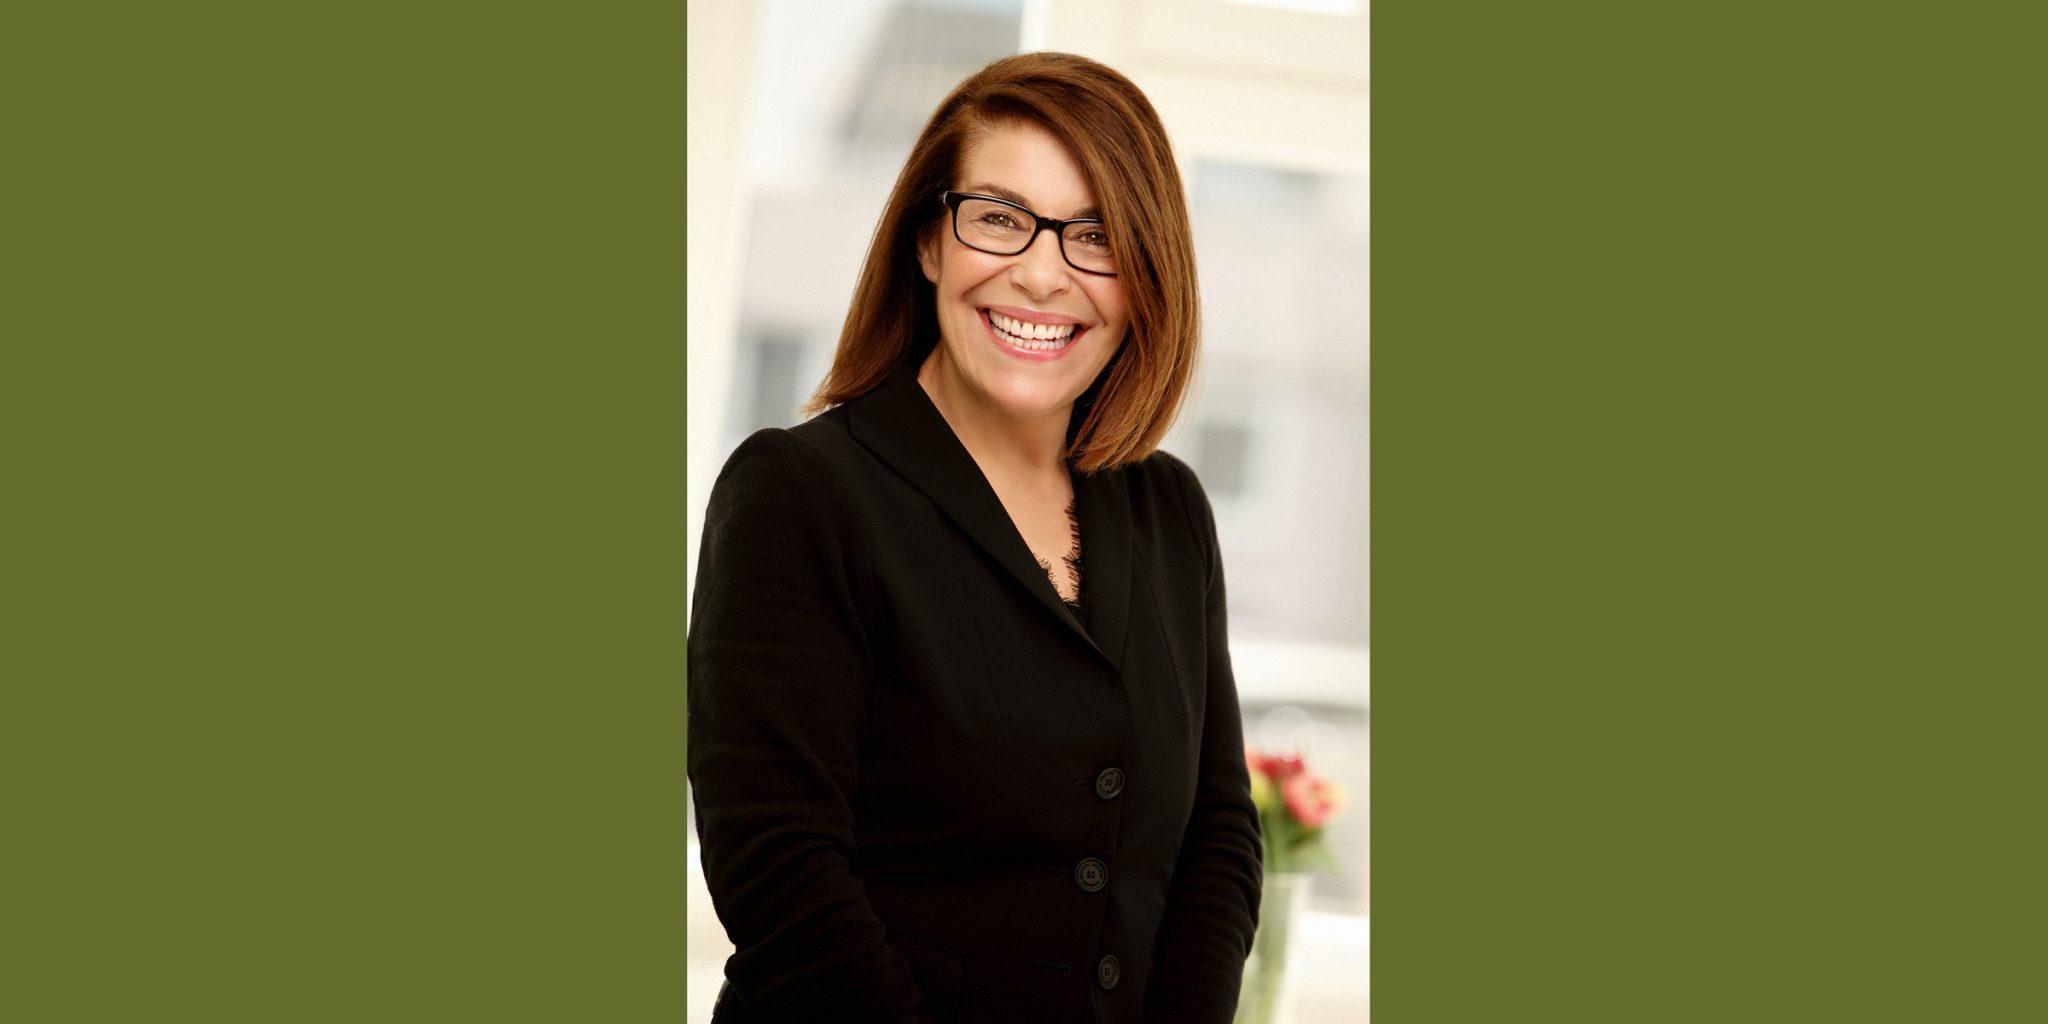 Farbportrait einer breit lächelnden Frau von der Agentur Moccamedia mit dunkler Brille, die in einem schwarzen Business-Dress seitlich posiert.